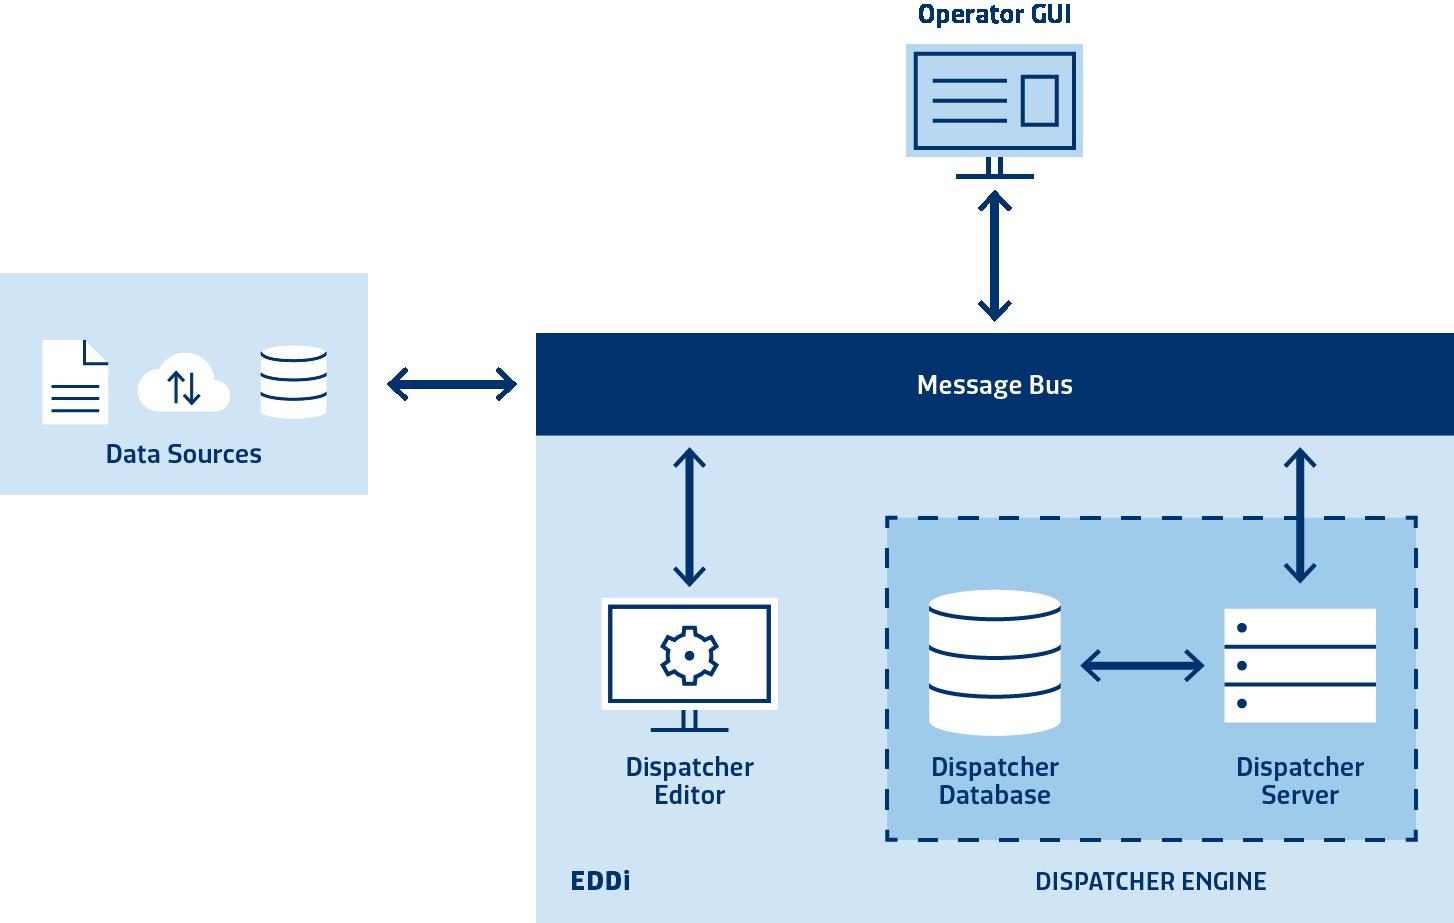 event-driven-dispatcher-architecture-image